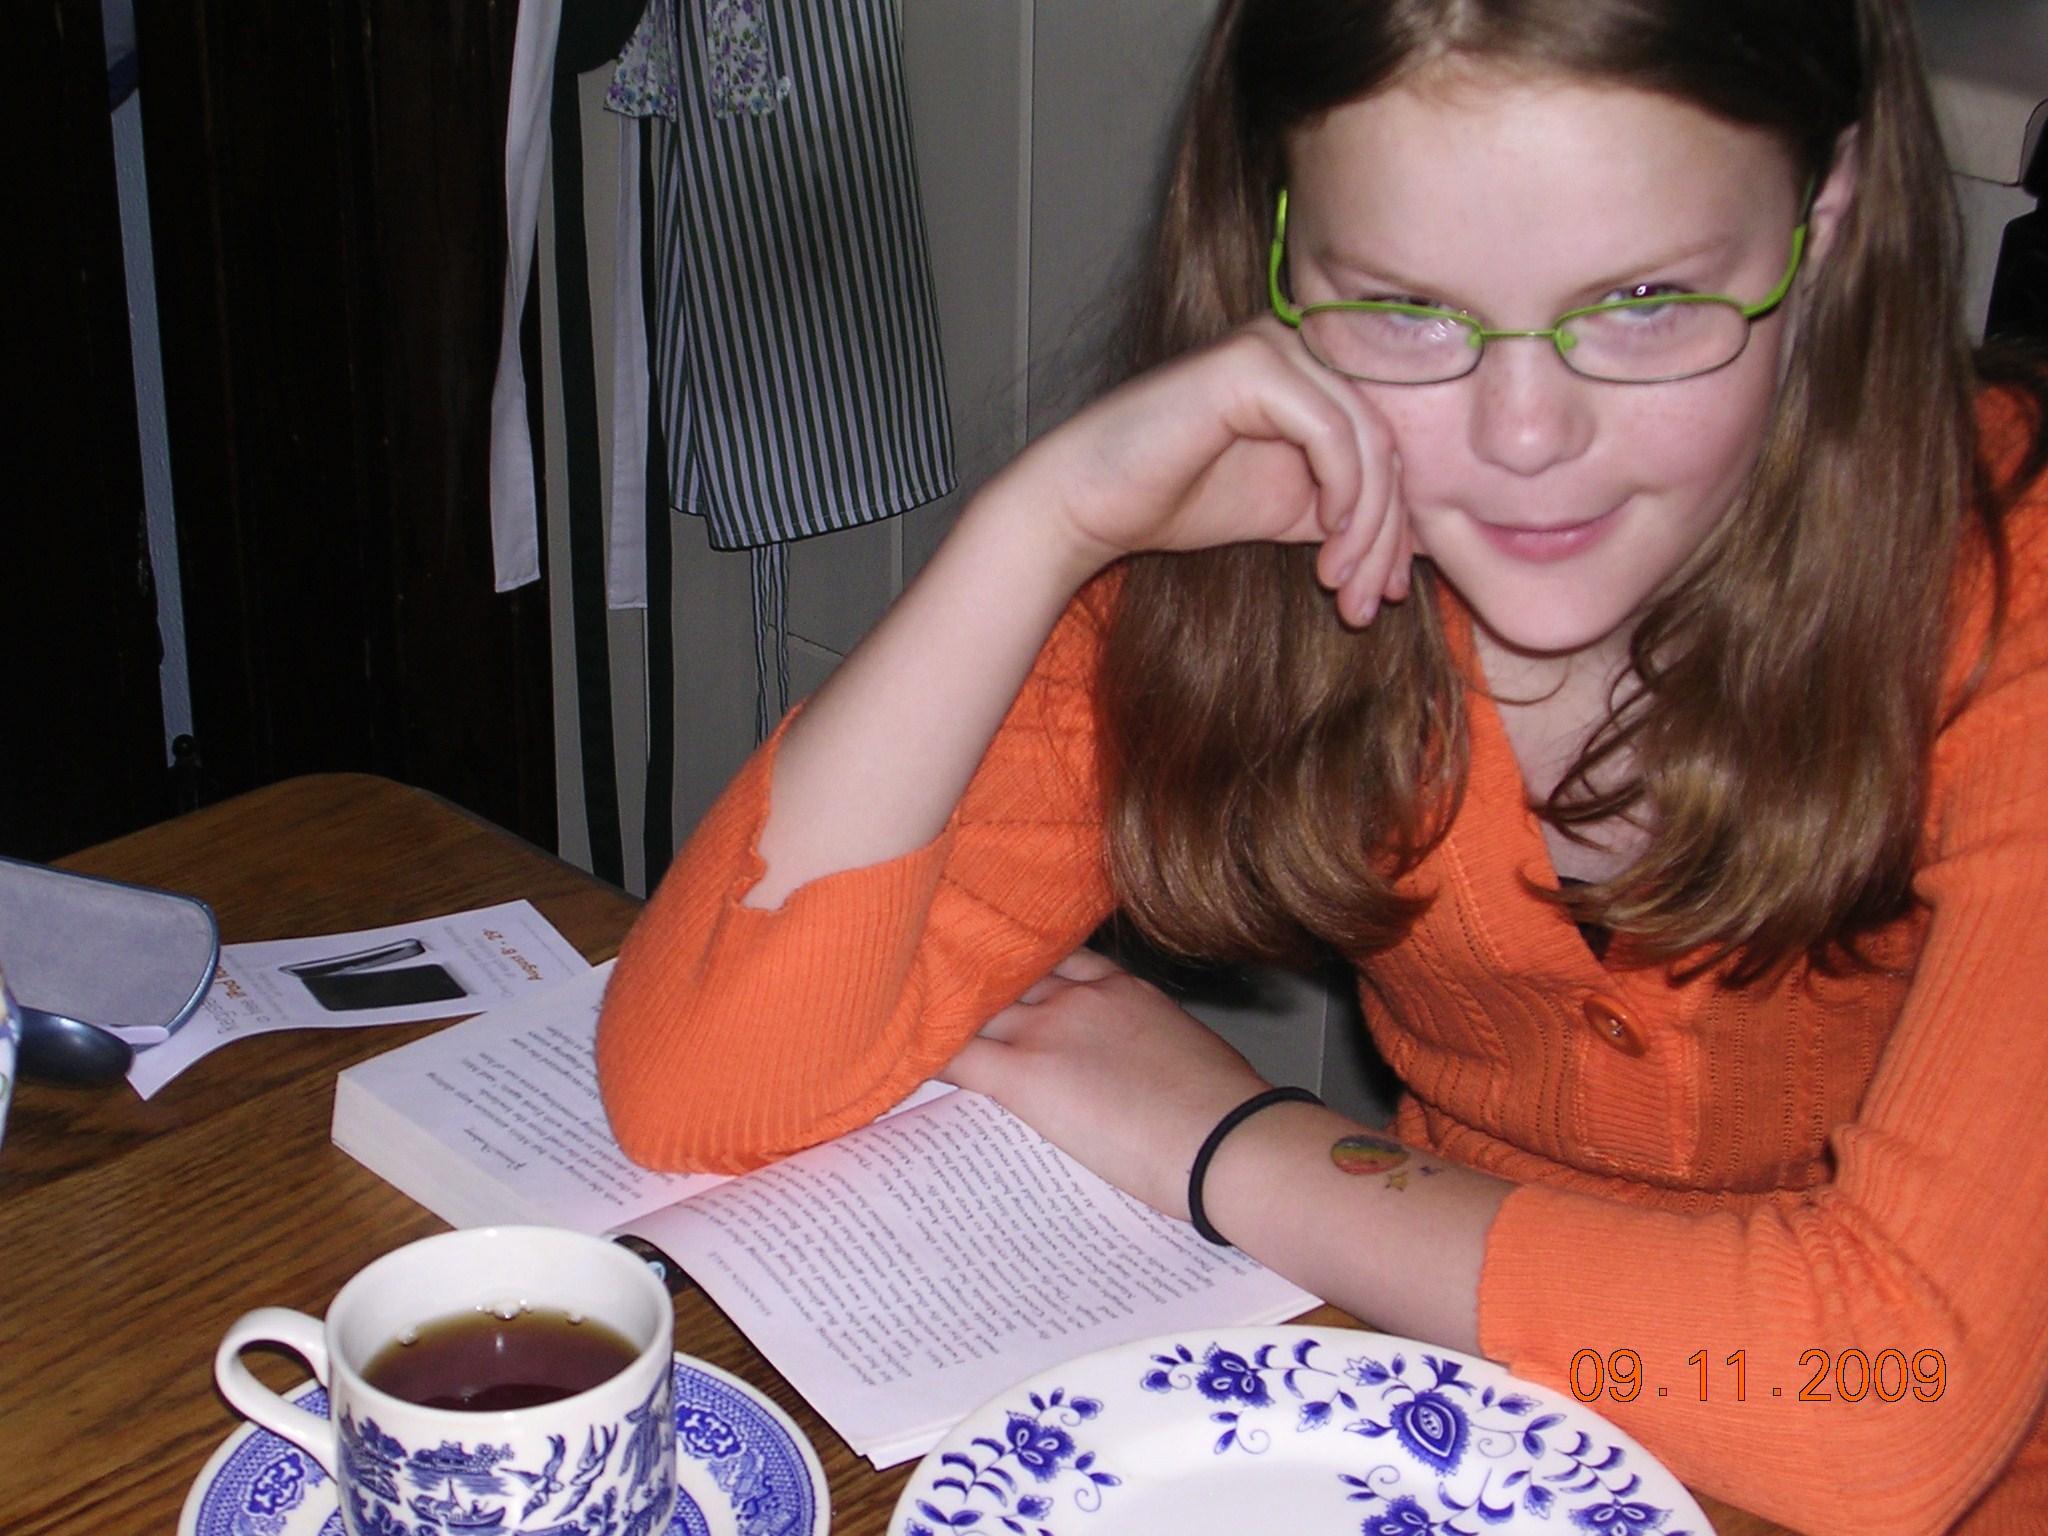 Rose age 10, spending morning tea time finishing homework